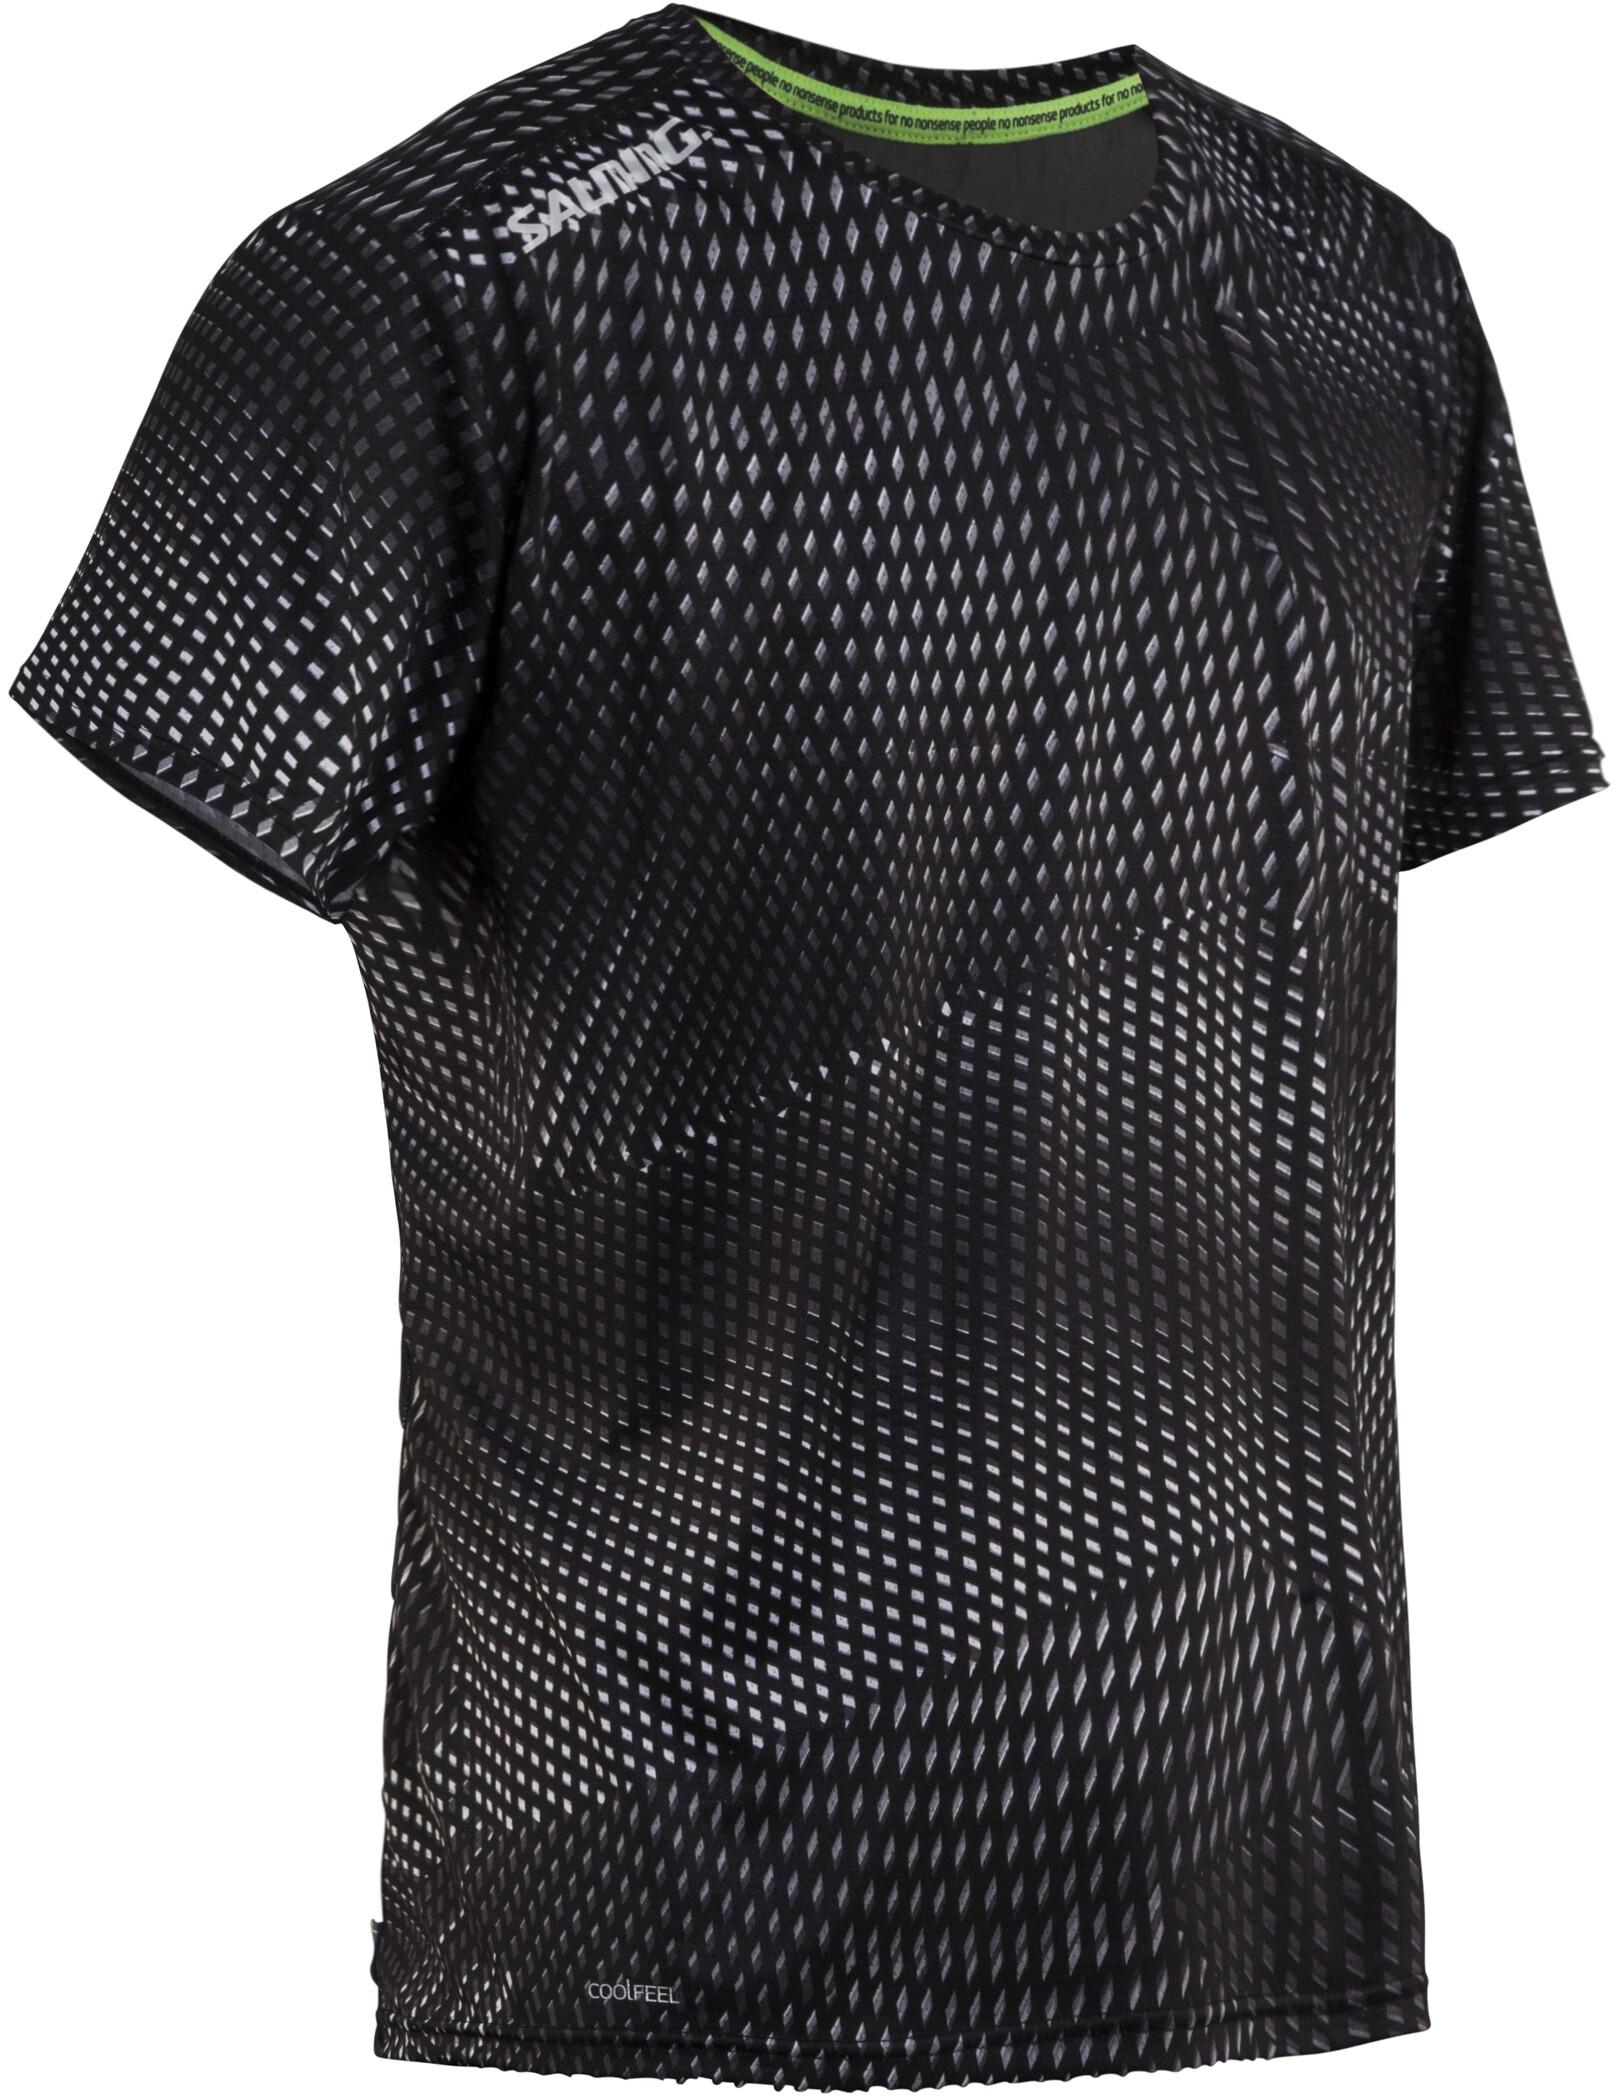 Salming Breeze T-shirt Herrer, black aop/black melange (2019) | Jerseys